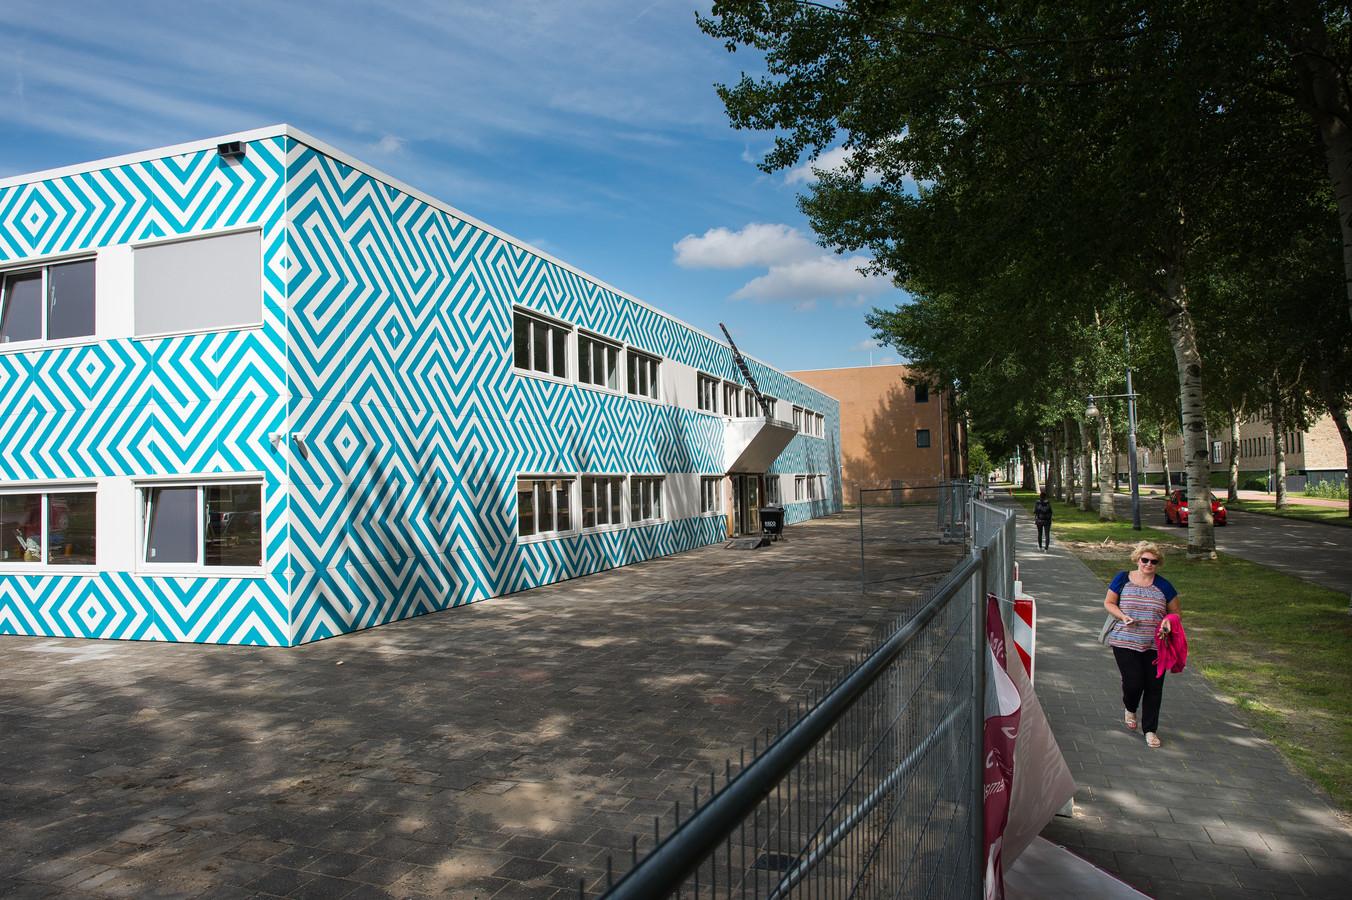 De islamitische middelbare school Cornelius Haga Lyceum aan de Naritaweg